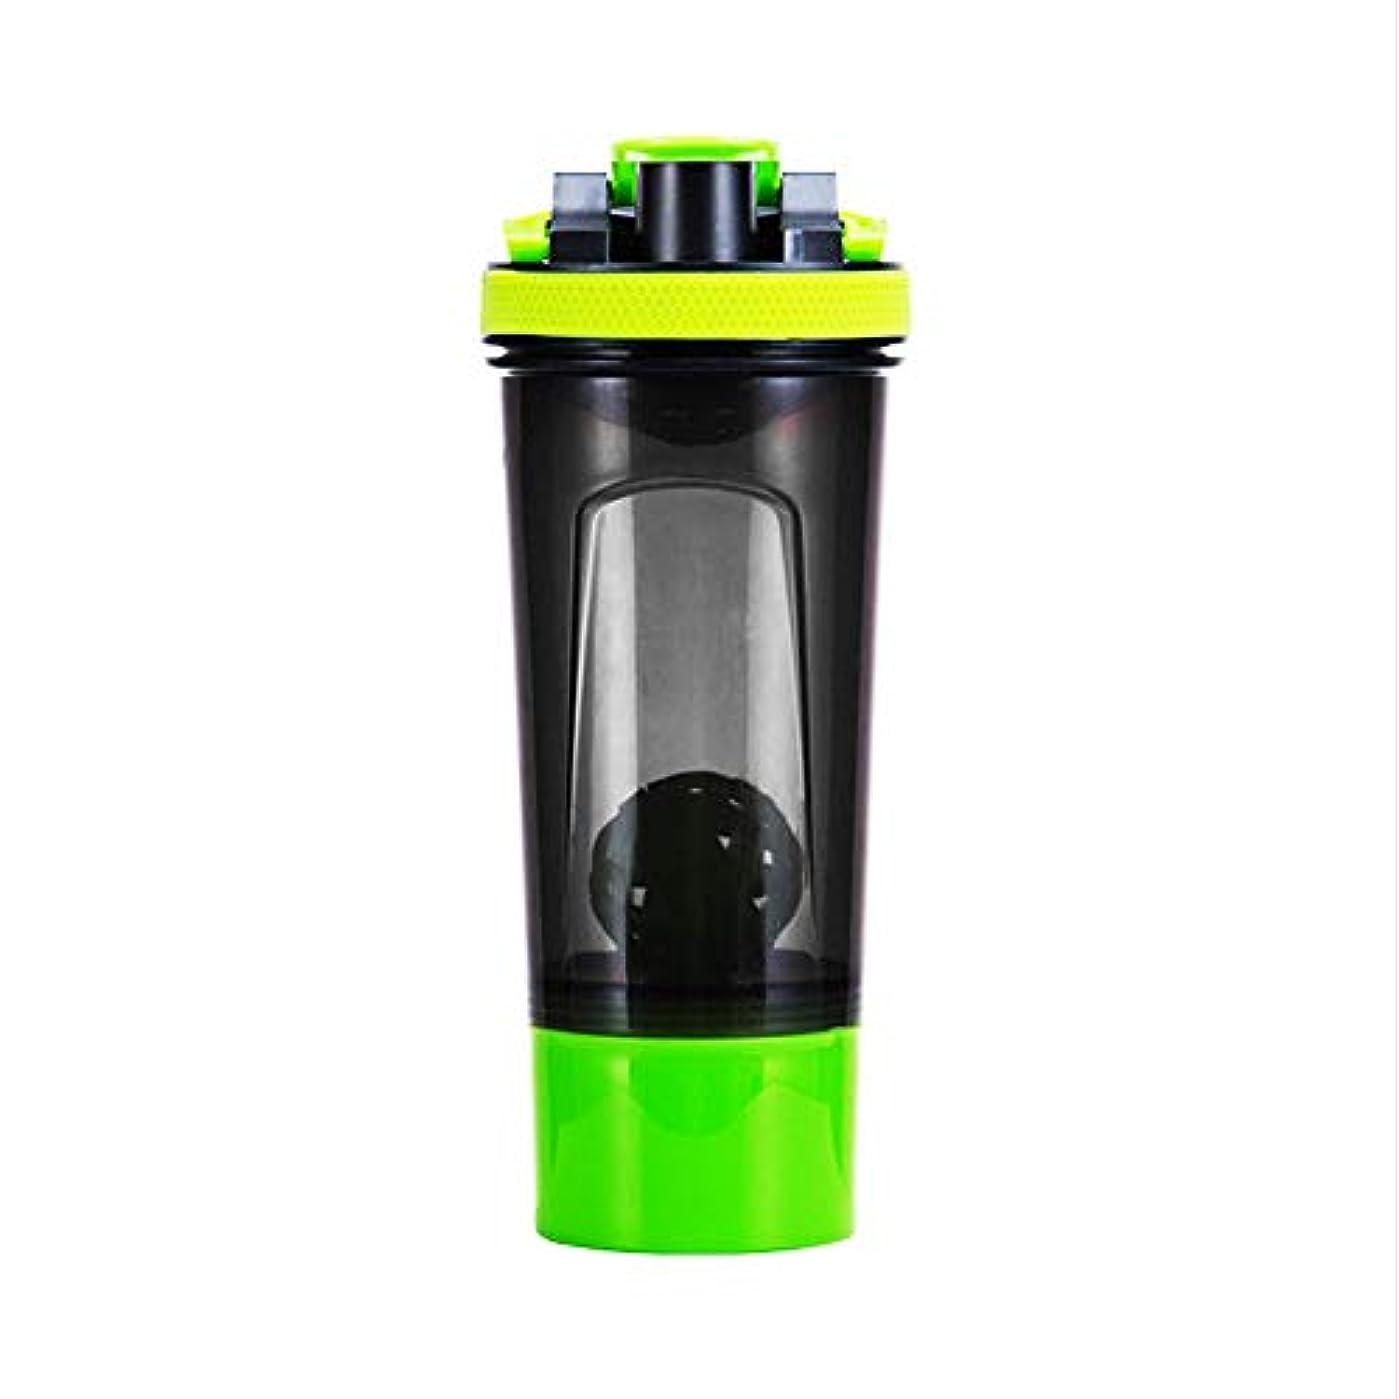 十一センター知り合いQuner プロテインシェイカー ボトル 水筒 700ml シェーカーボトル スポーツボトル 目盛り 3層 プラスチック フィットネス ダイエット コンテナ付き サプリケース